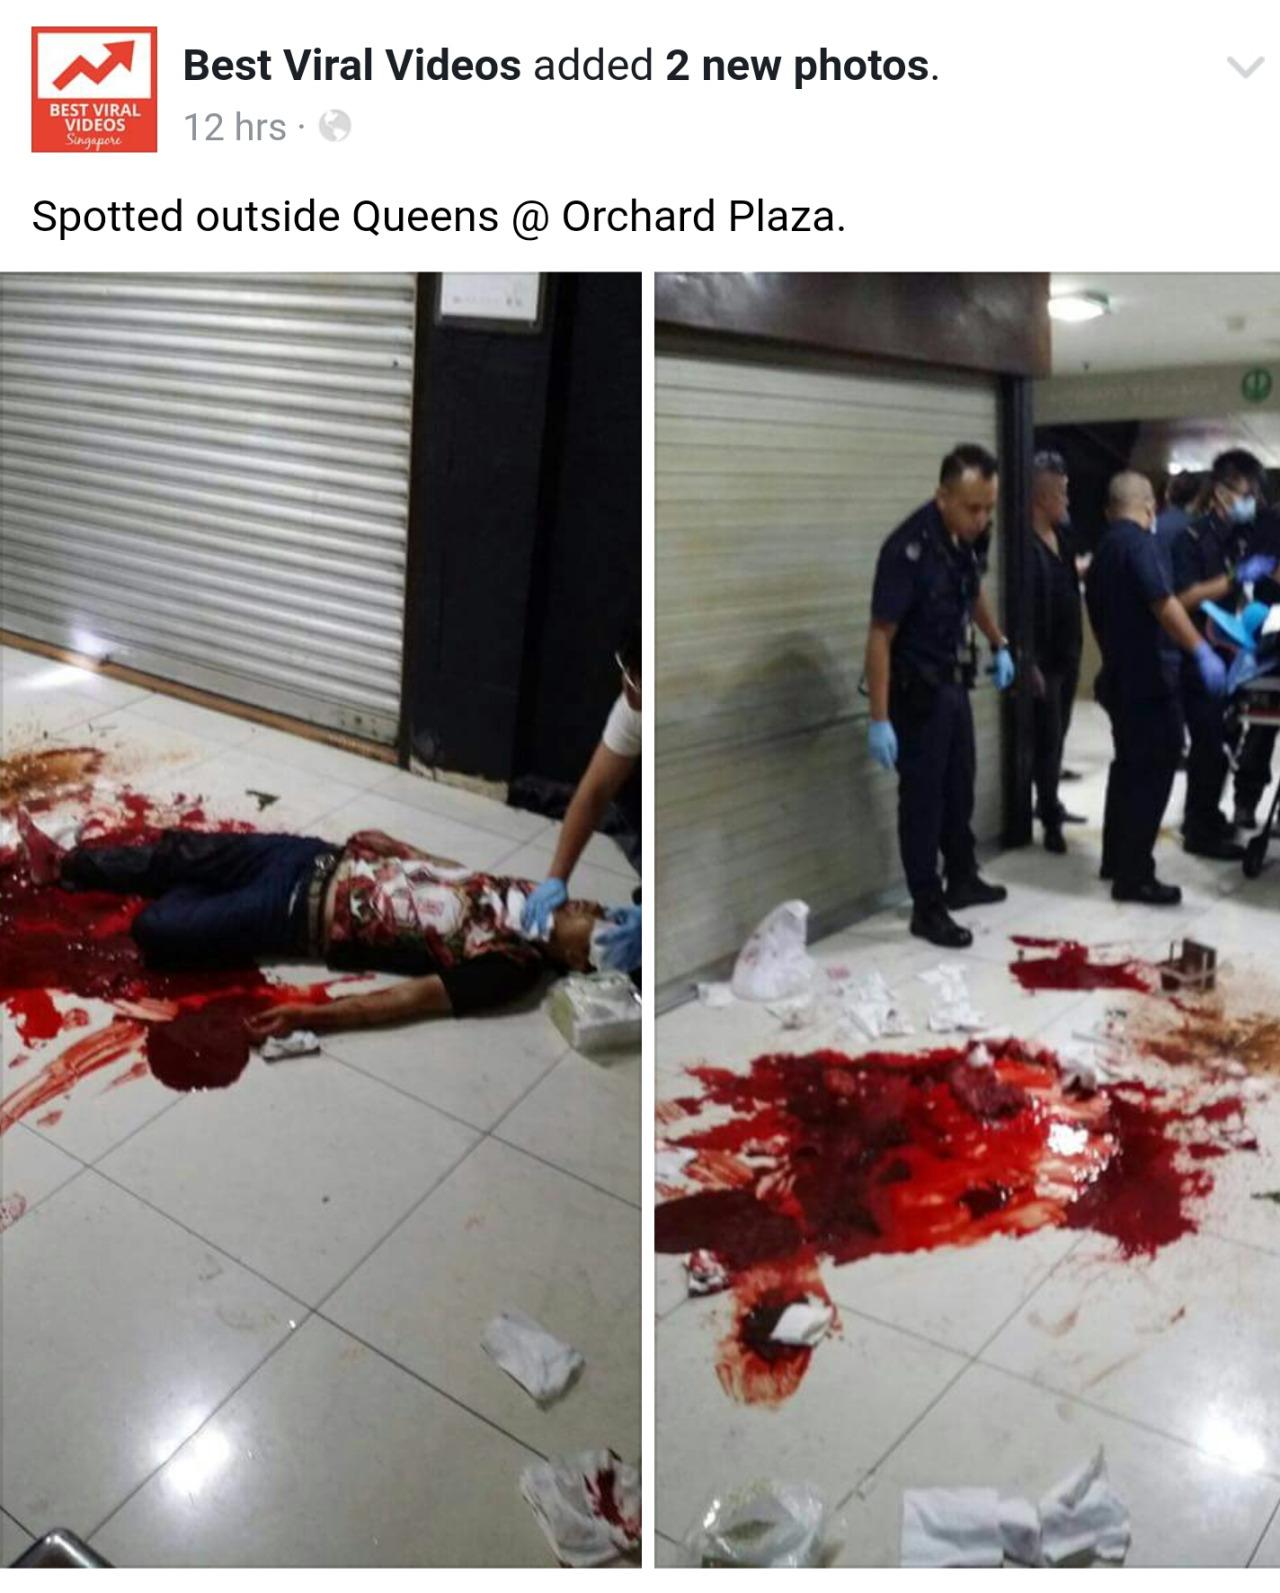 シンガポール 大喧嘩、 オーチャードプラザで人斬りつけられるけど・・